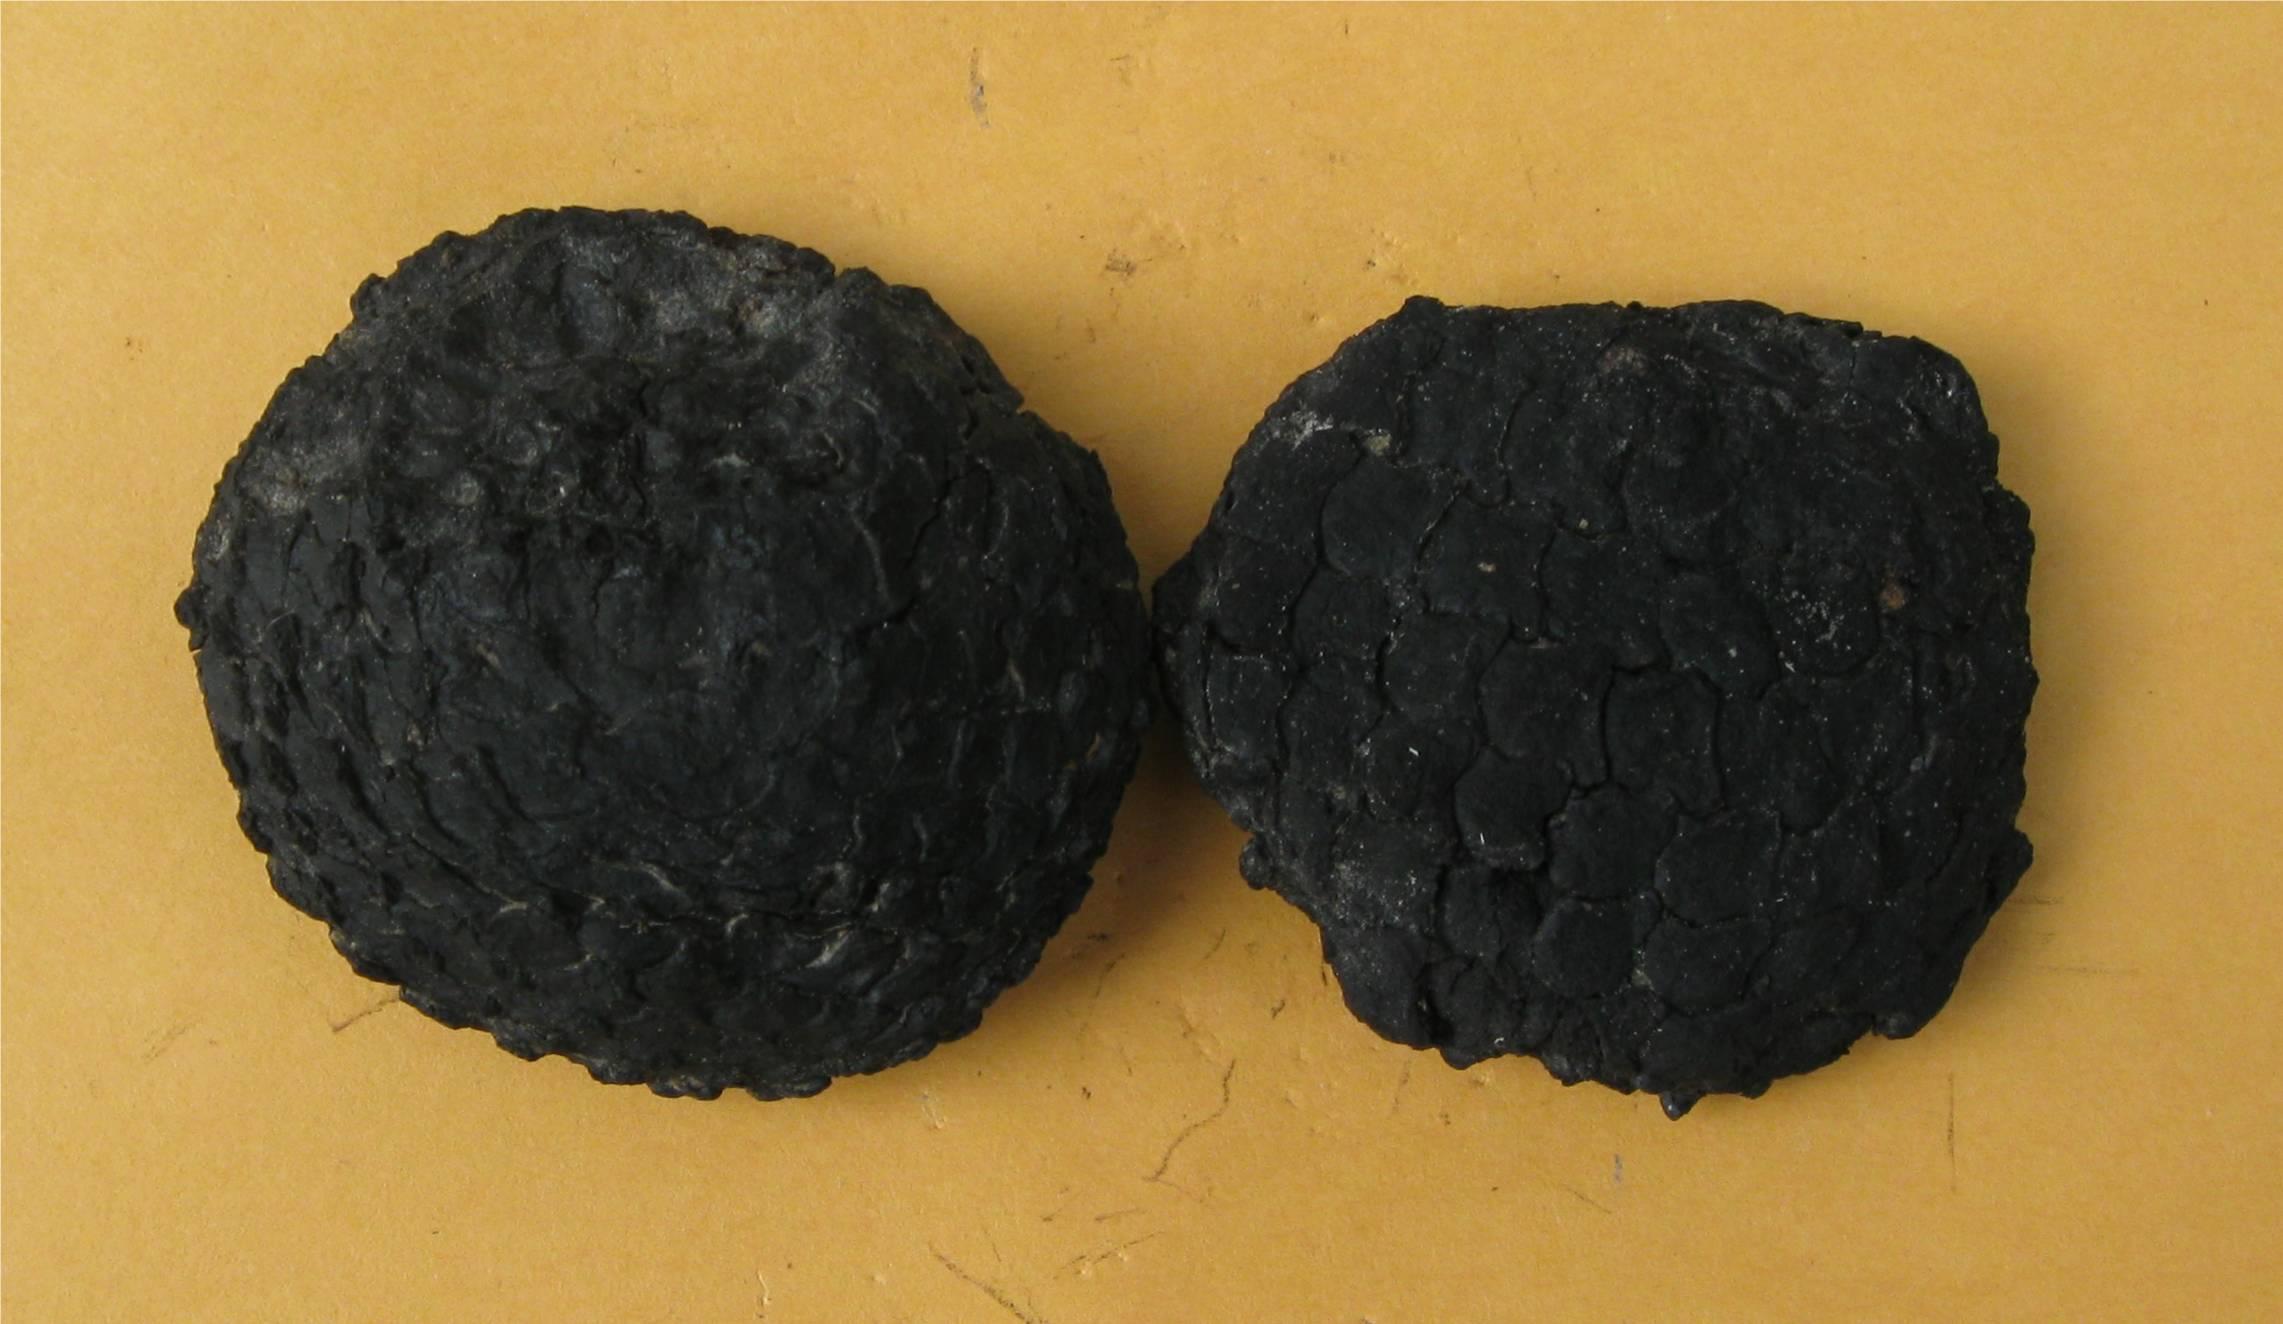 Carbon 14 de radioactieve nuclide gebruikt in dating fossielen heeft